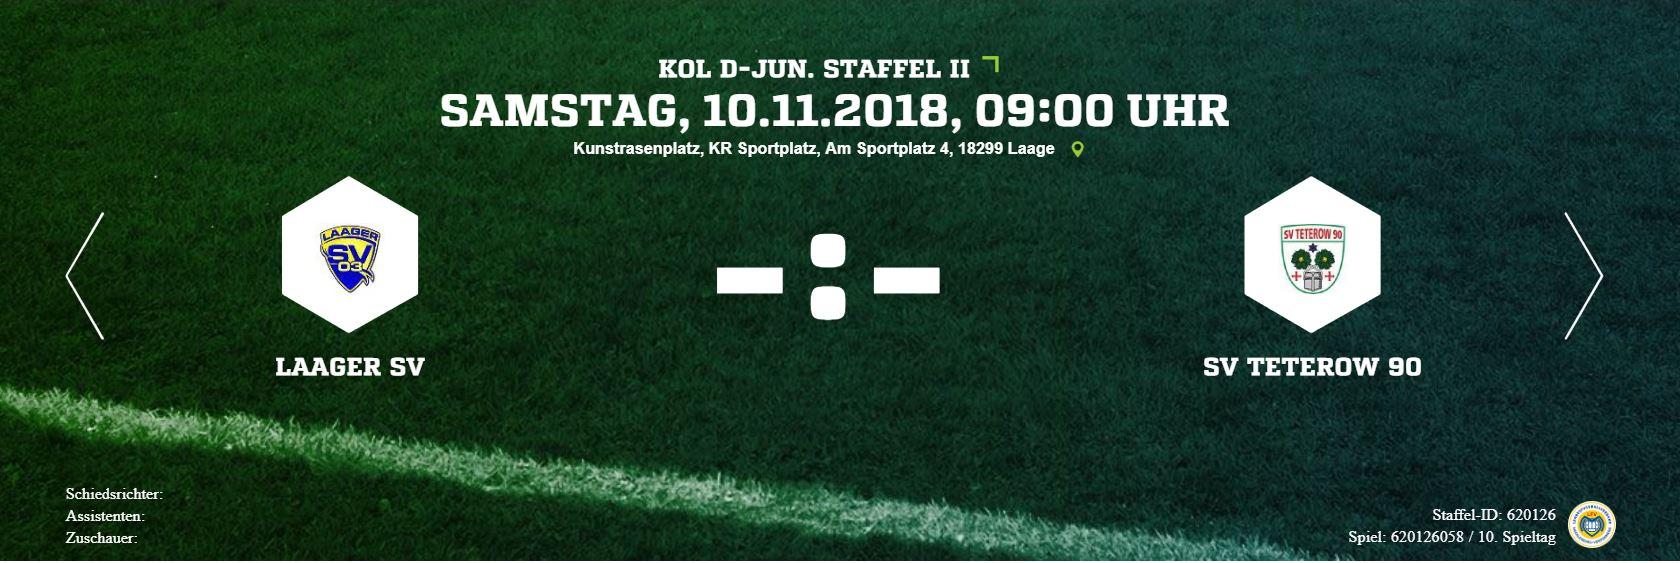 20181110 0900 Fußball D